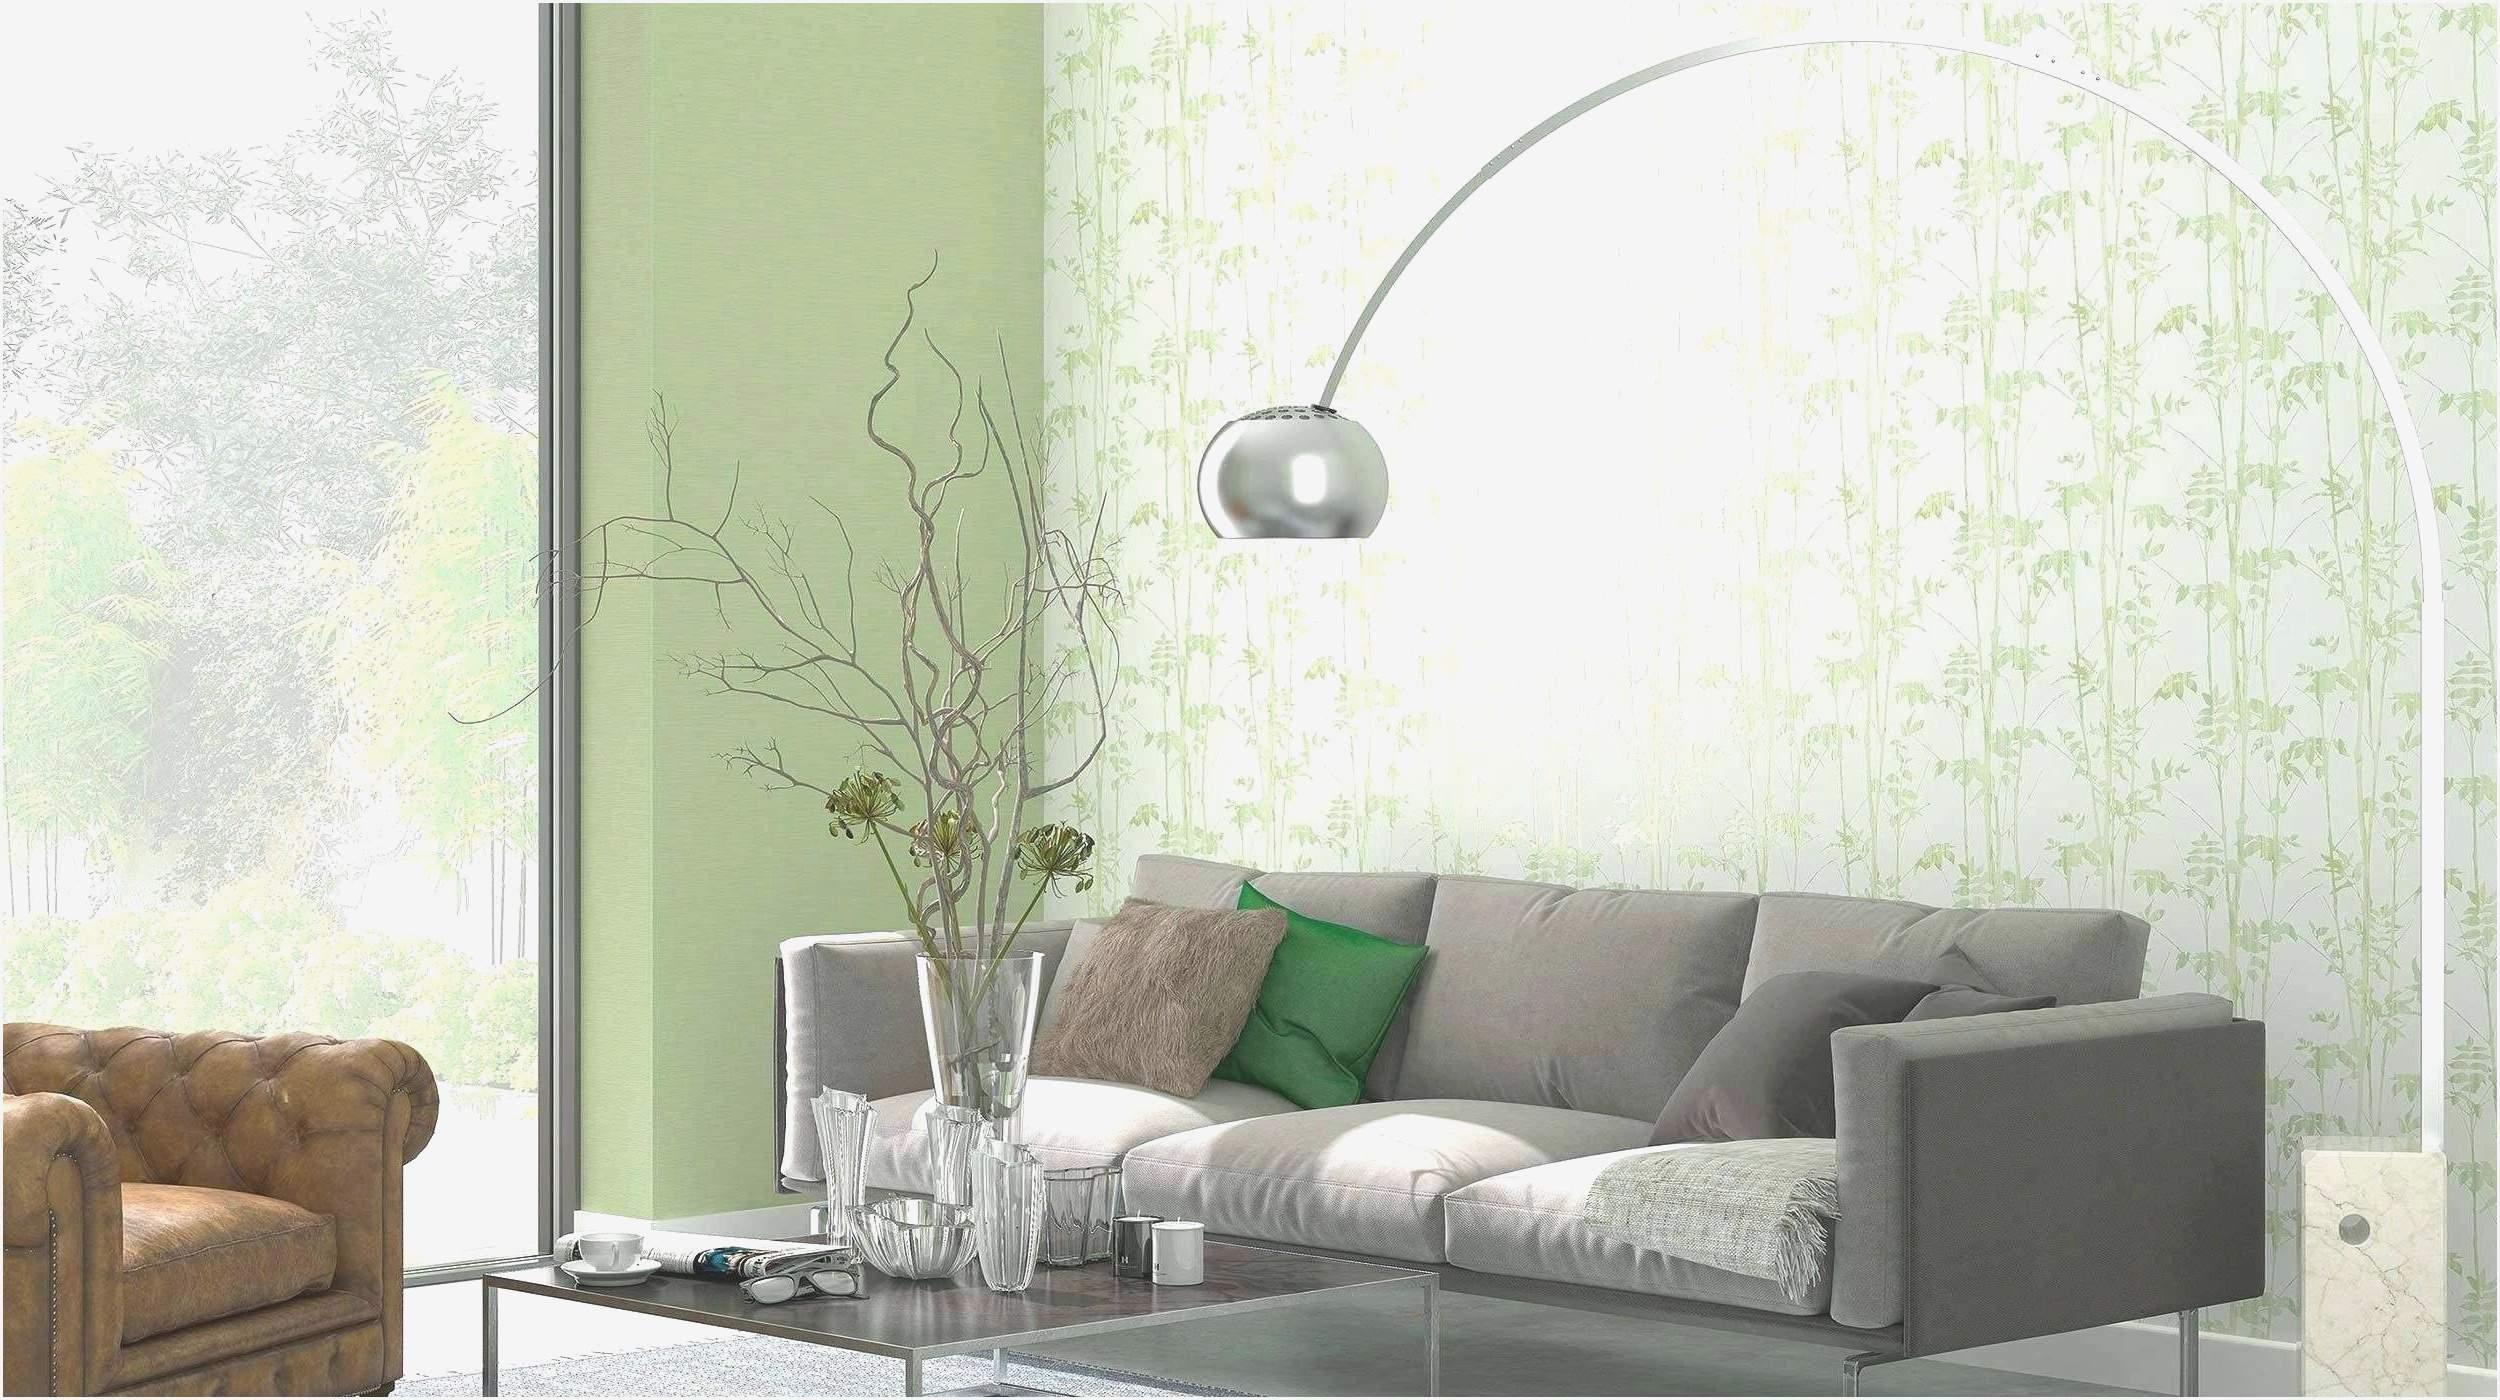 bilder wohnzimmer glas